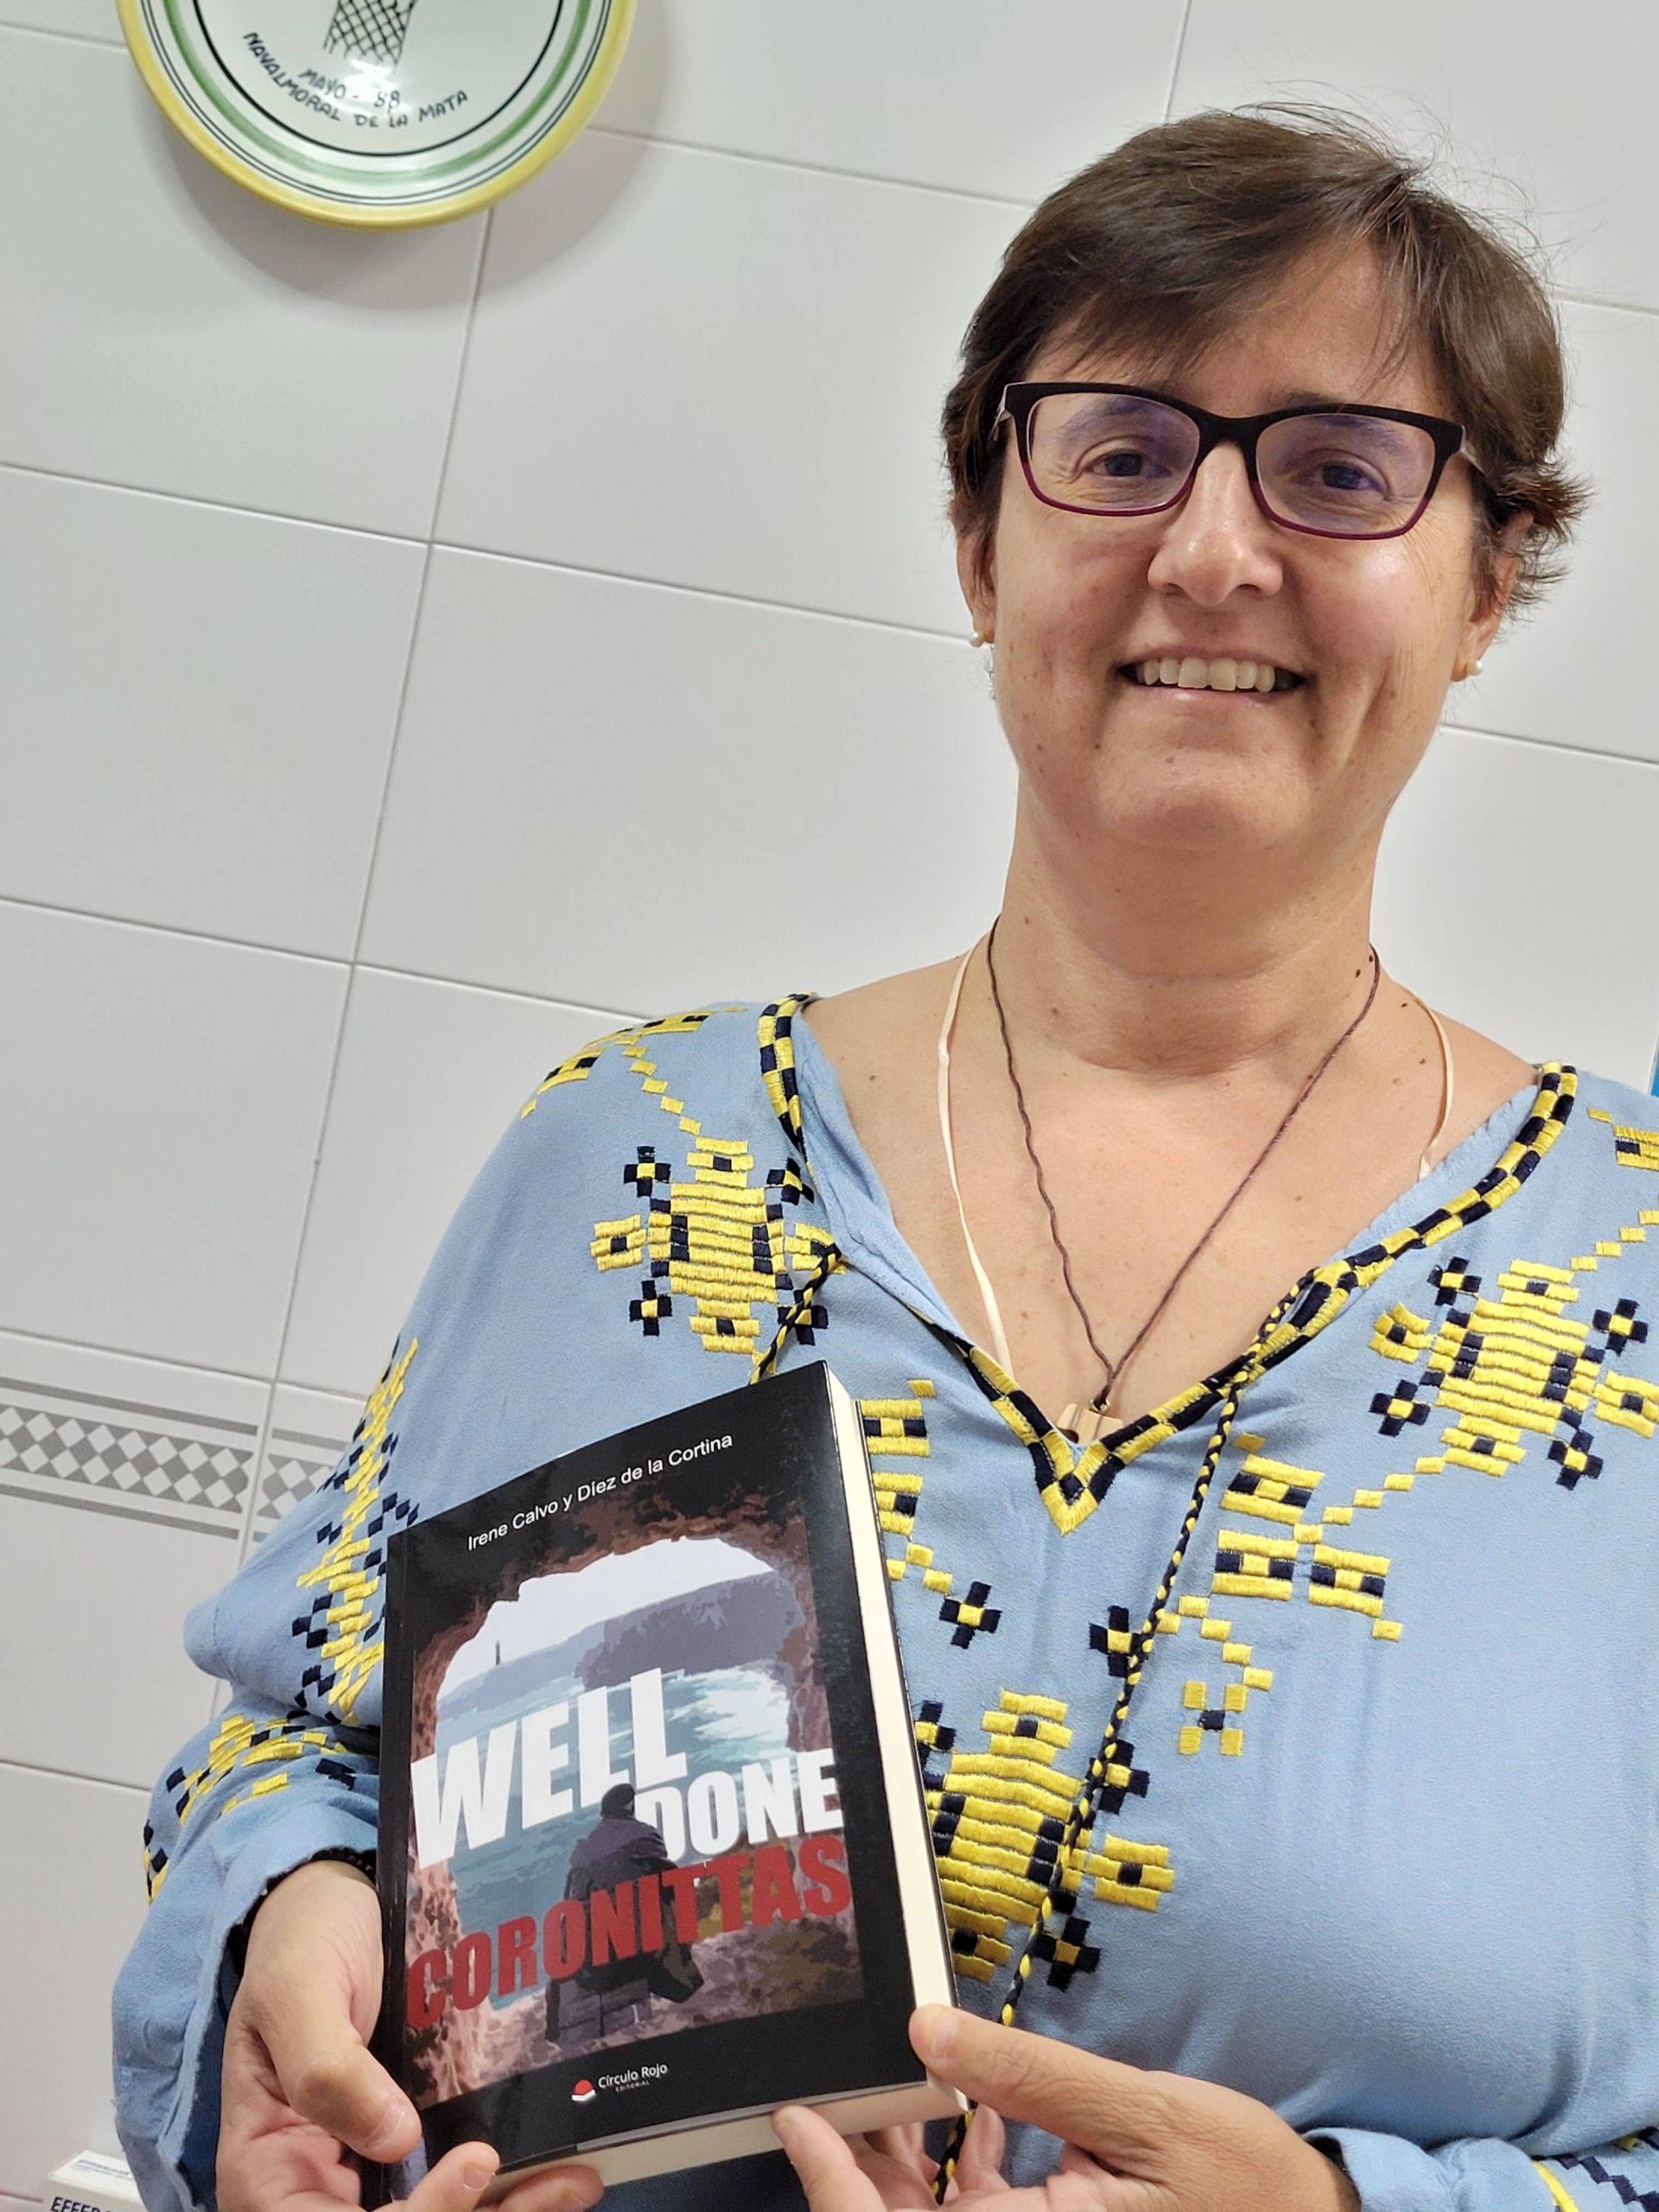 Sumérgete en «WELL DONE, CORONITTAS», novela de acción de Irene Calvo y Díez de la Cortina